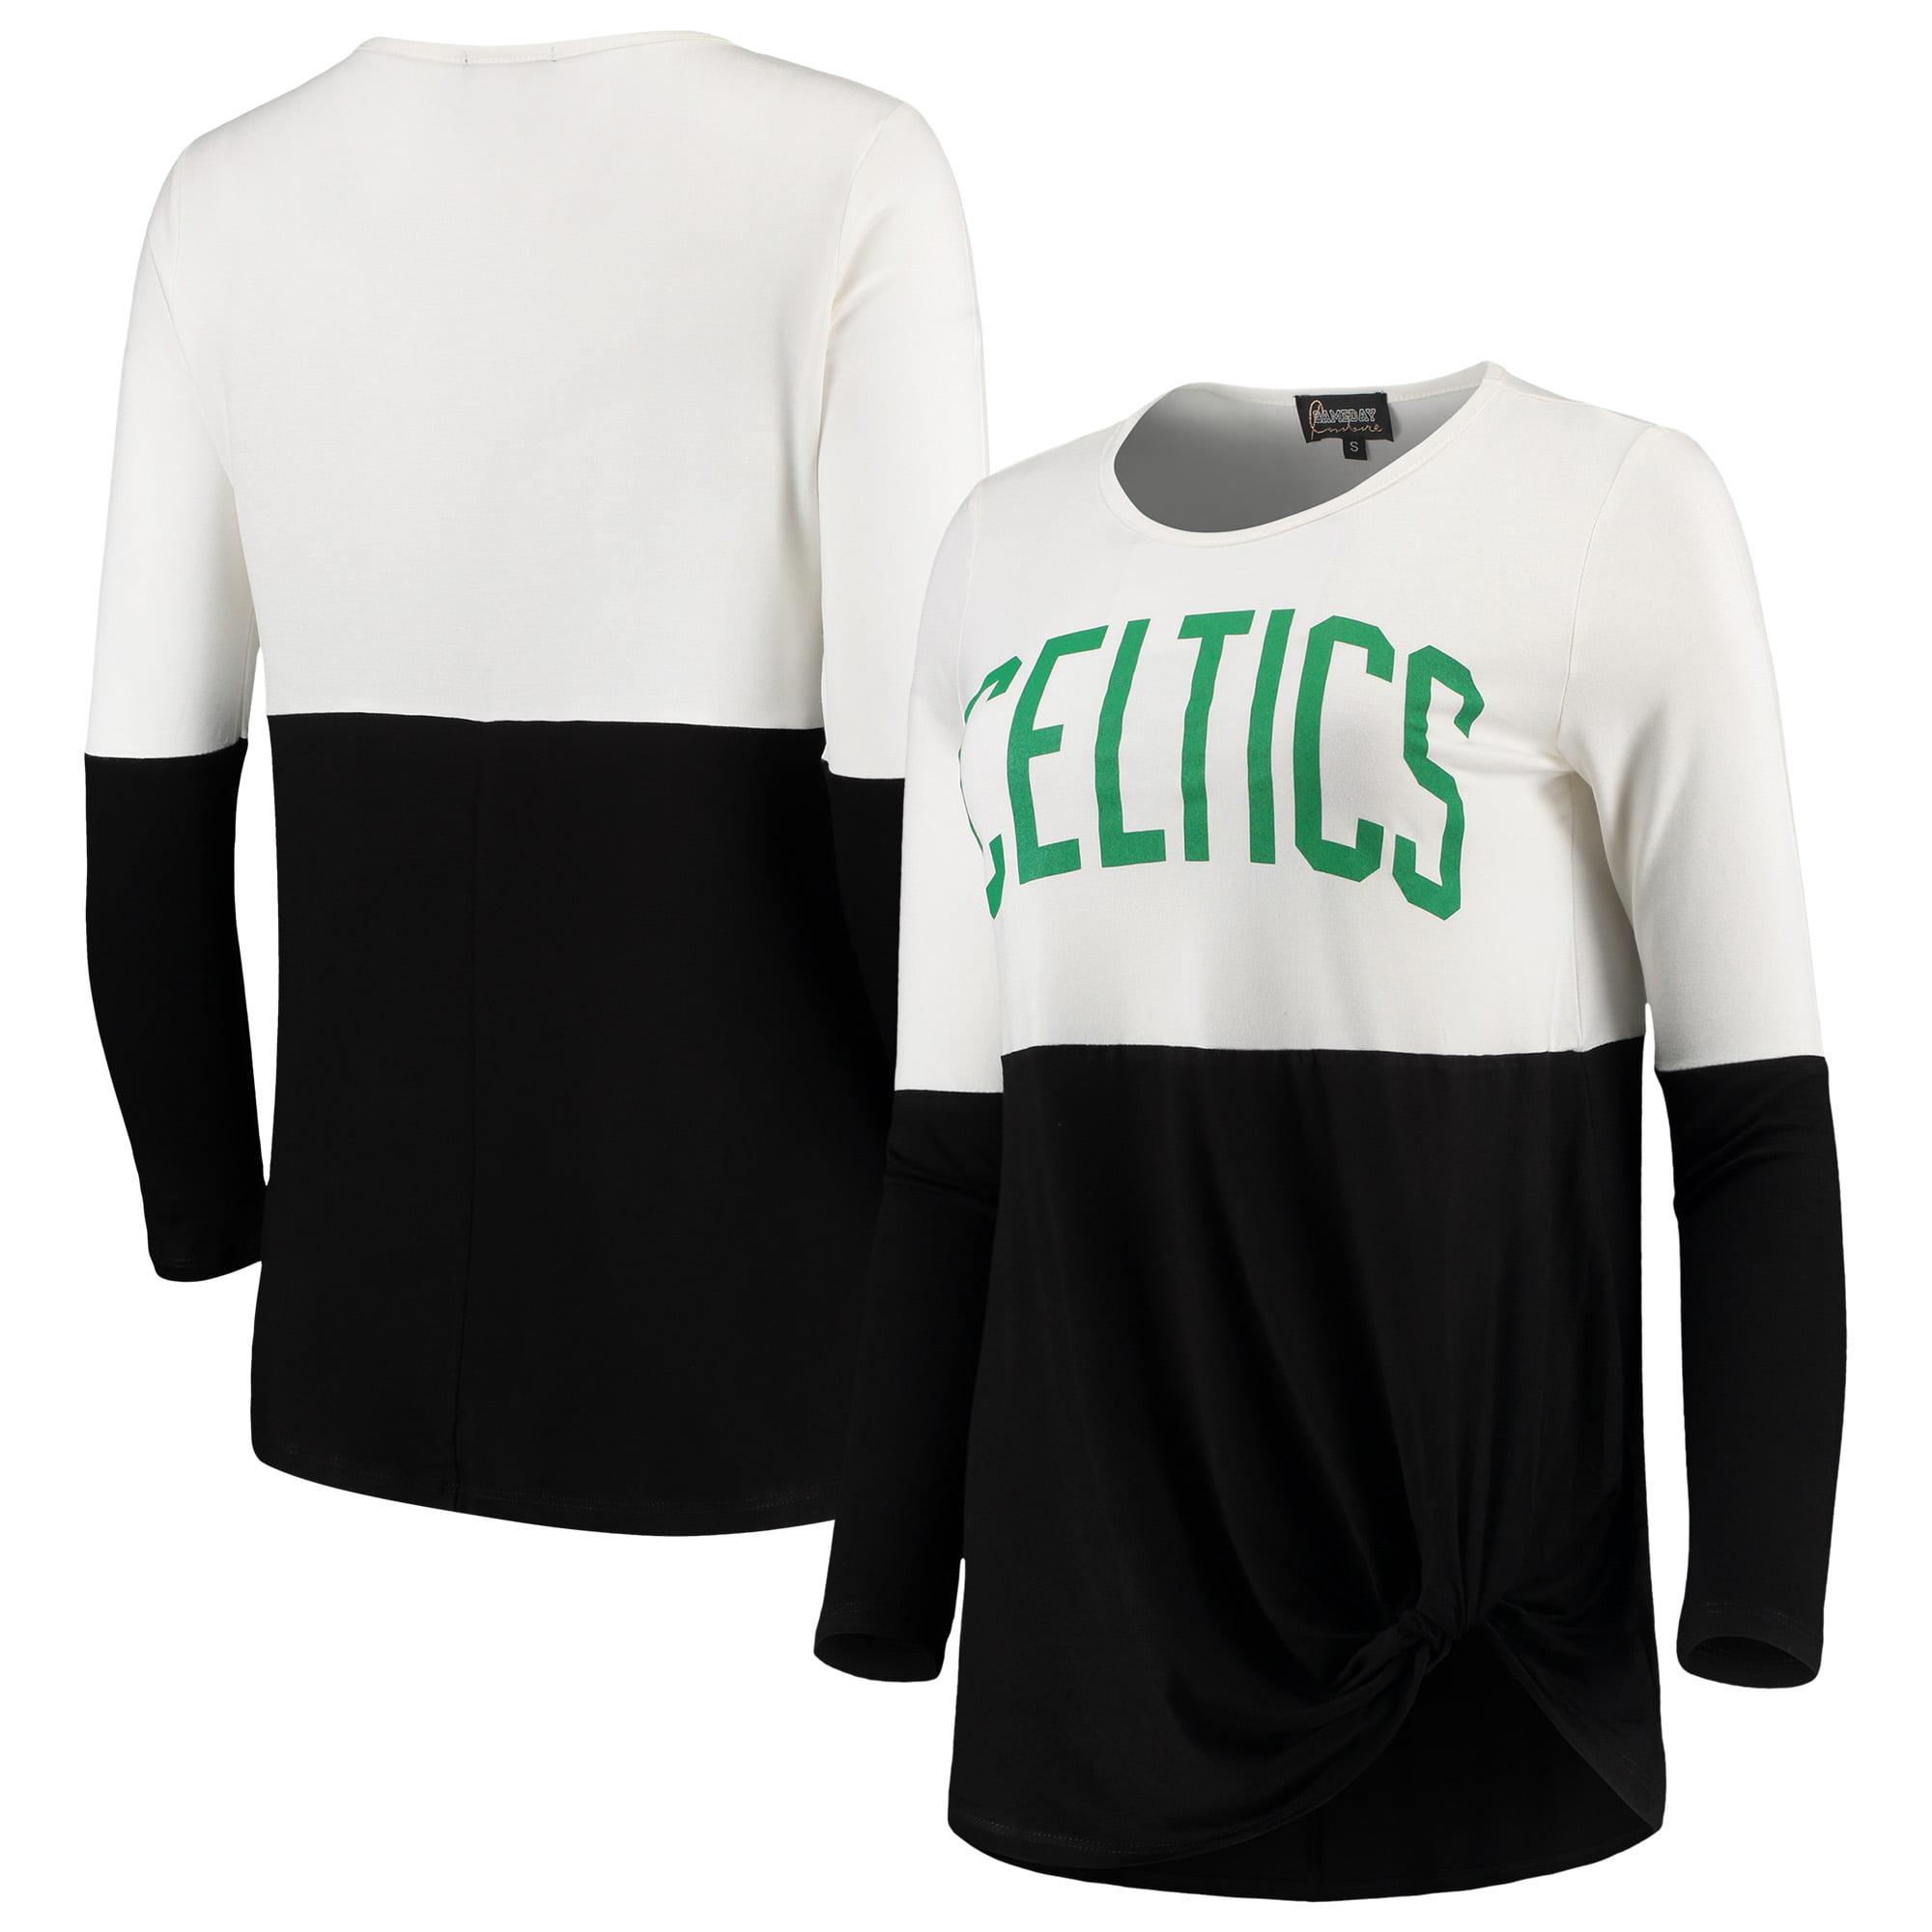 Boston Celtics Women's In It To Win It Colorblock Long Sleeve T-Shirt - Black